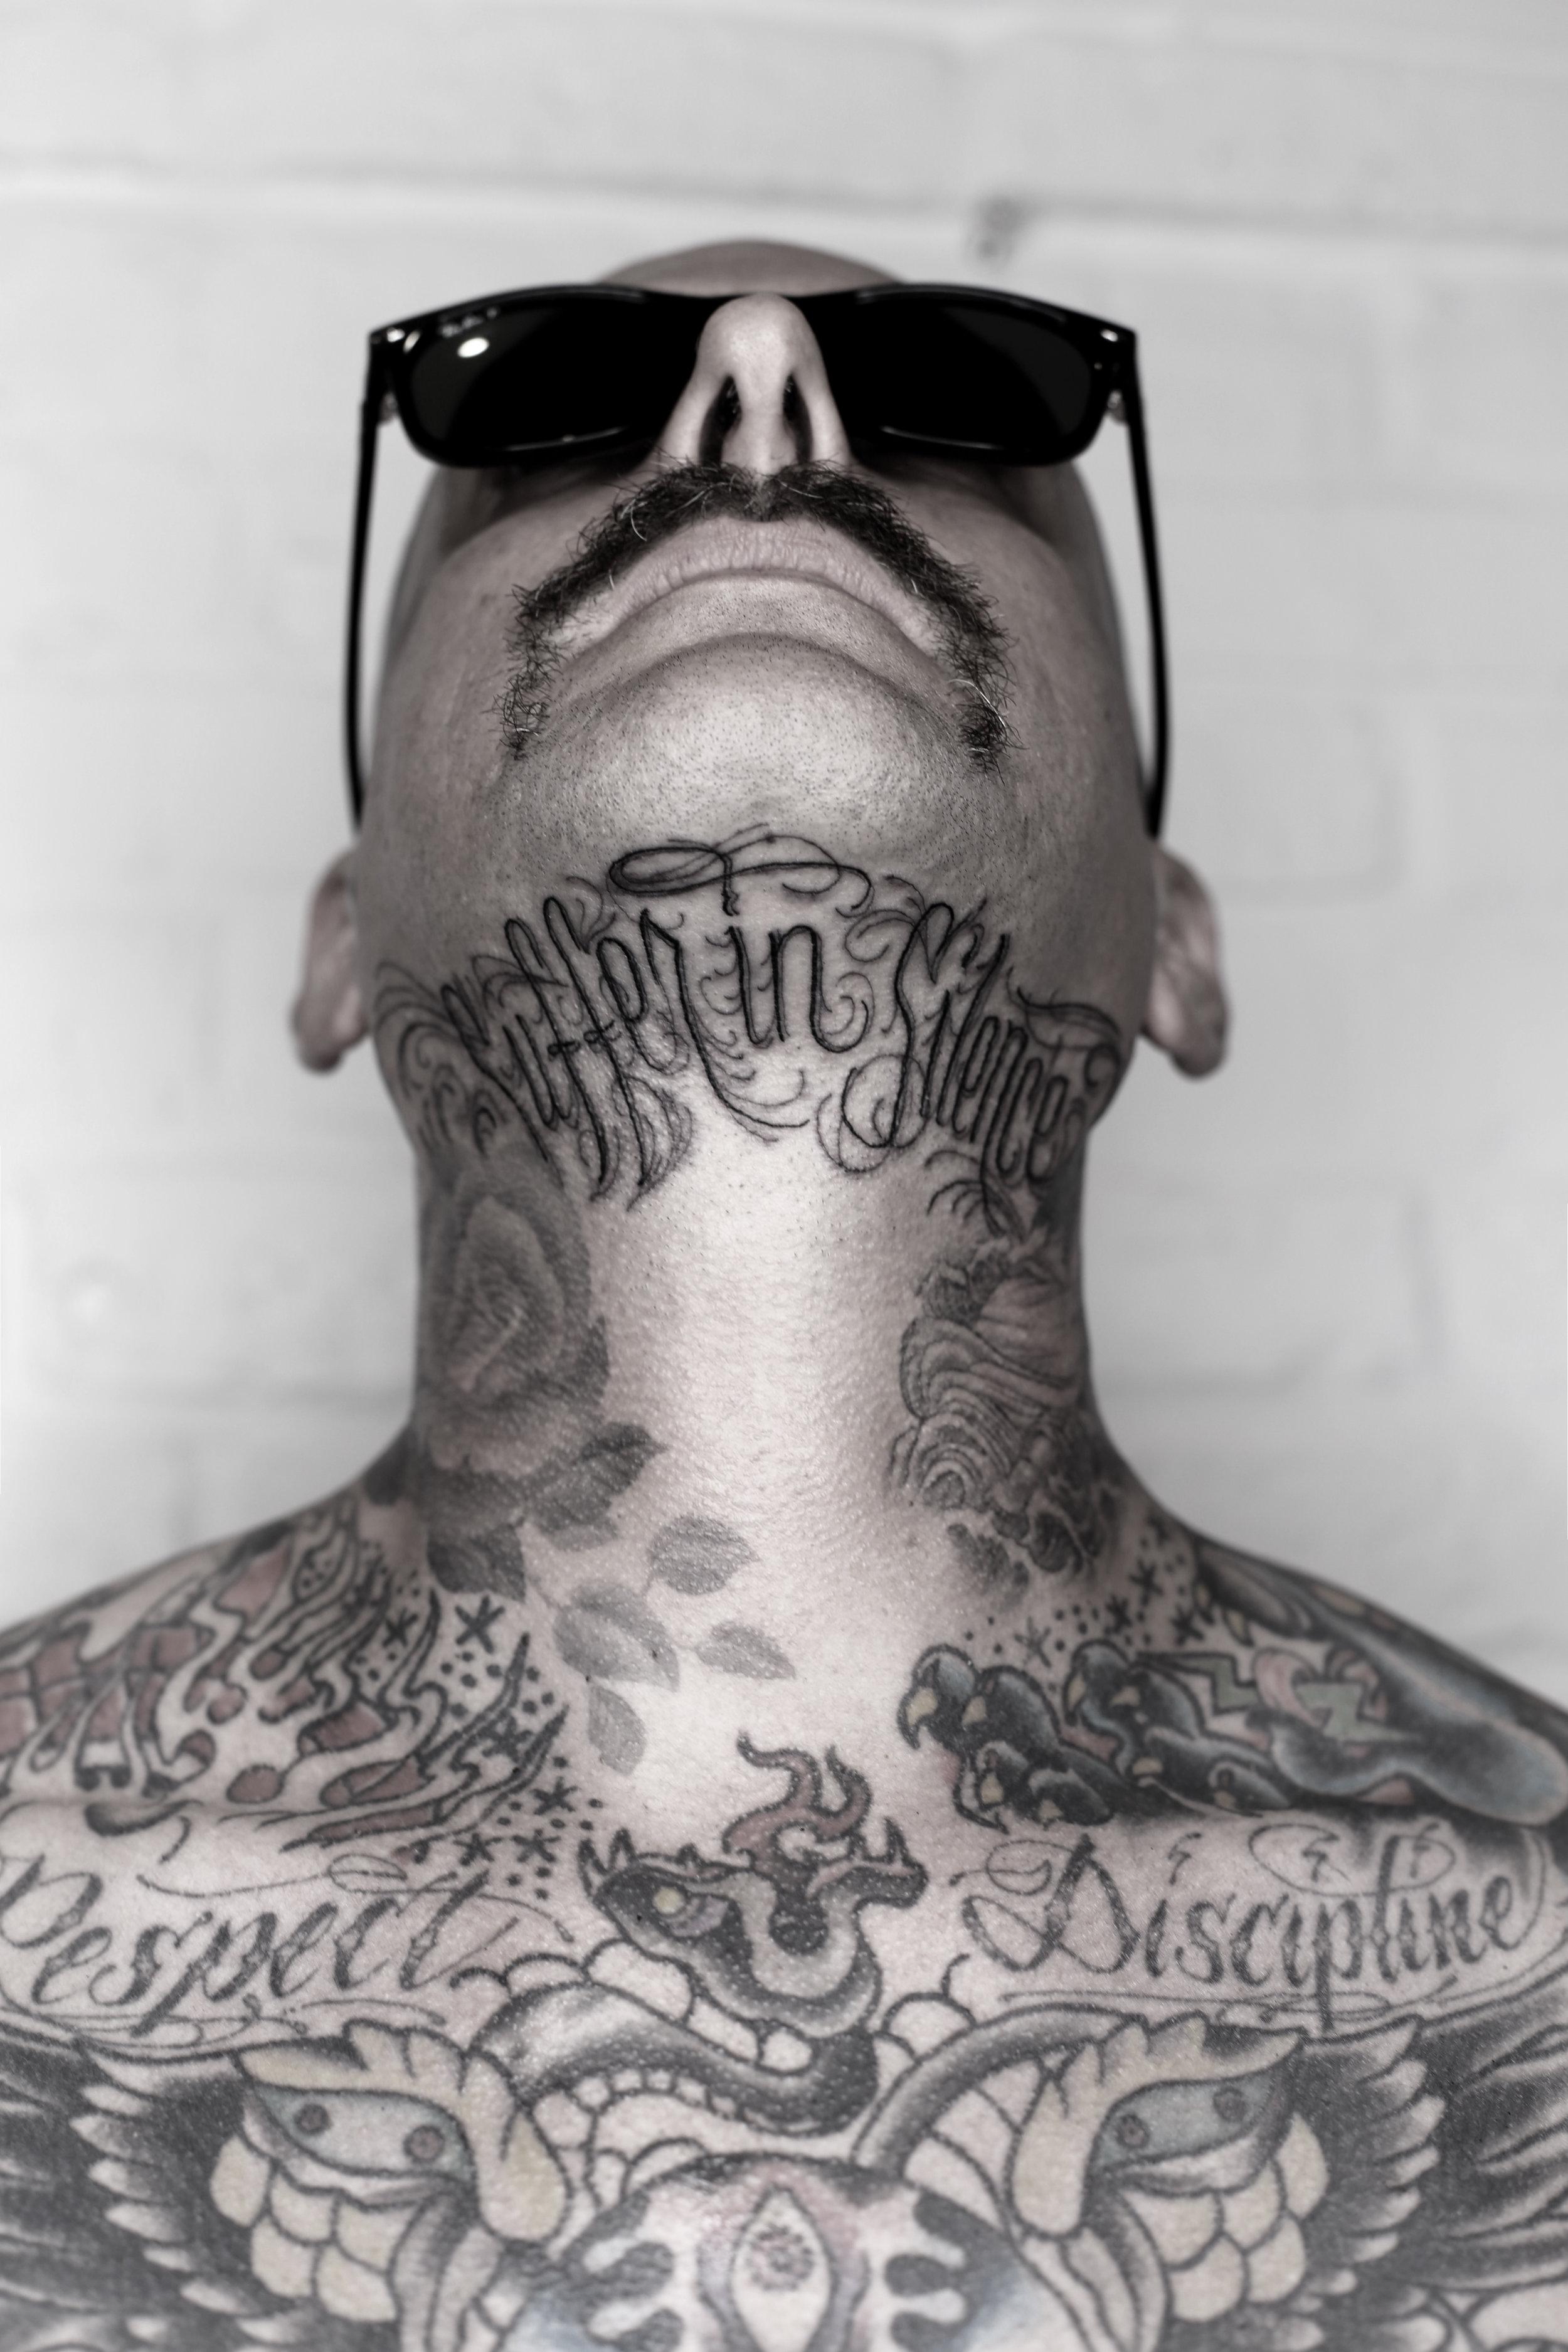 ejay tattoo singleton tattoo trinity groves dallas texas ltd tattoo best art body suit will card 2.jpg